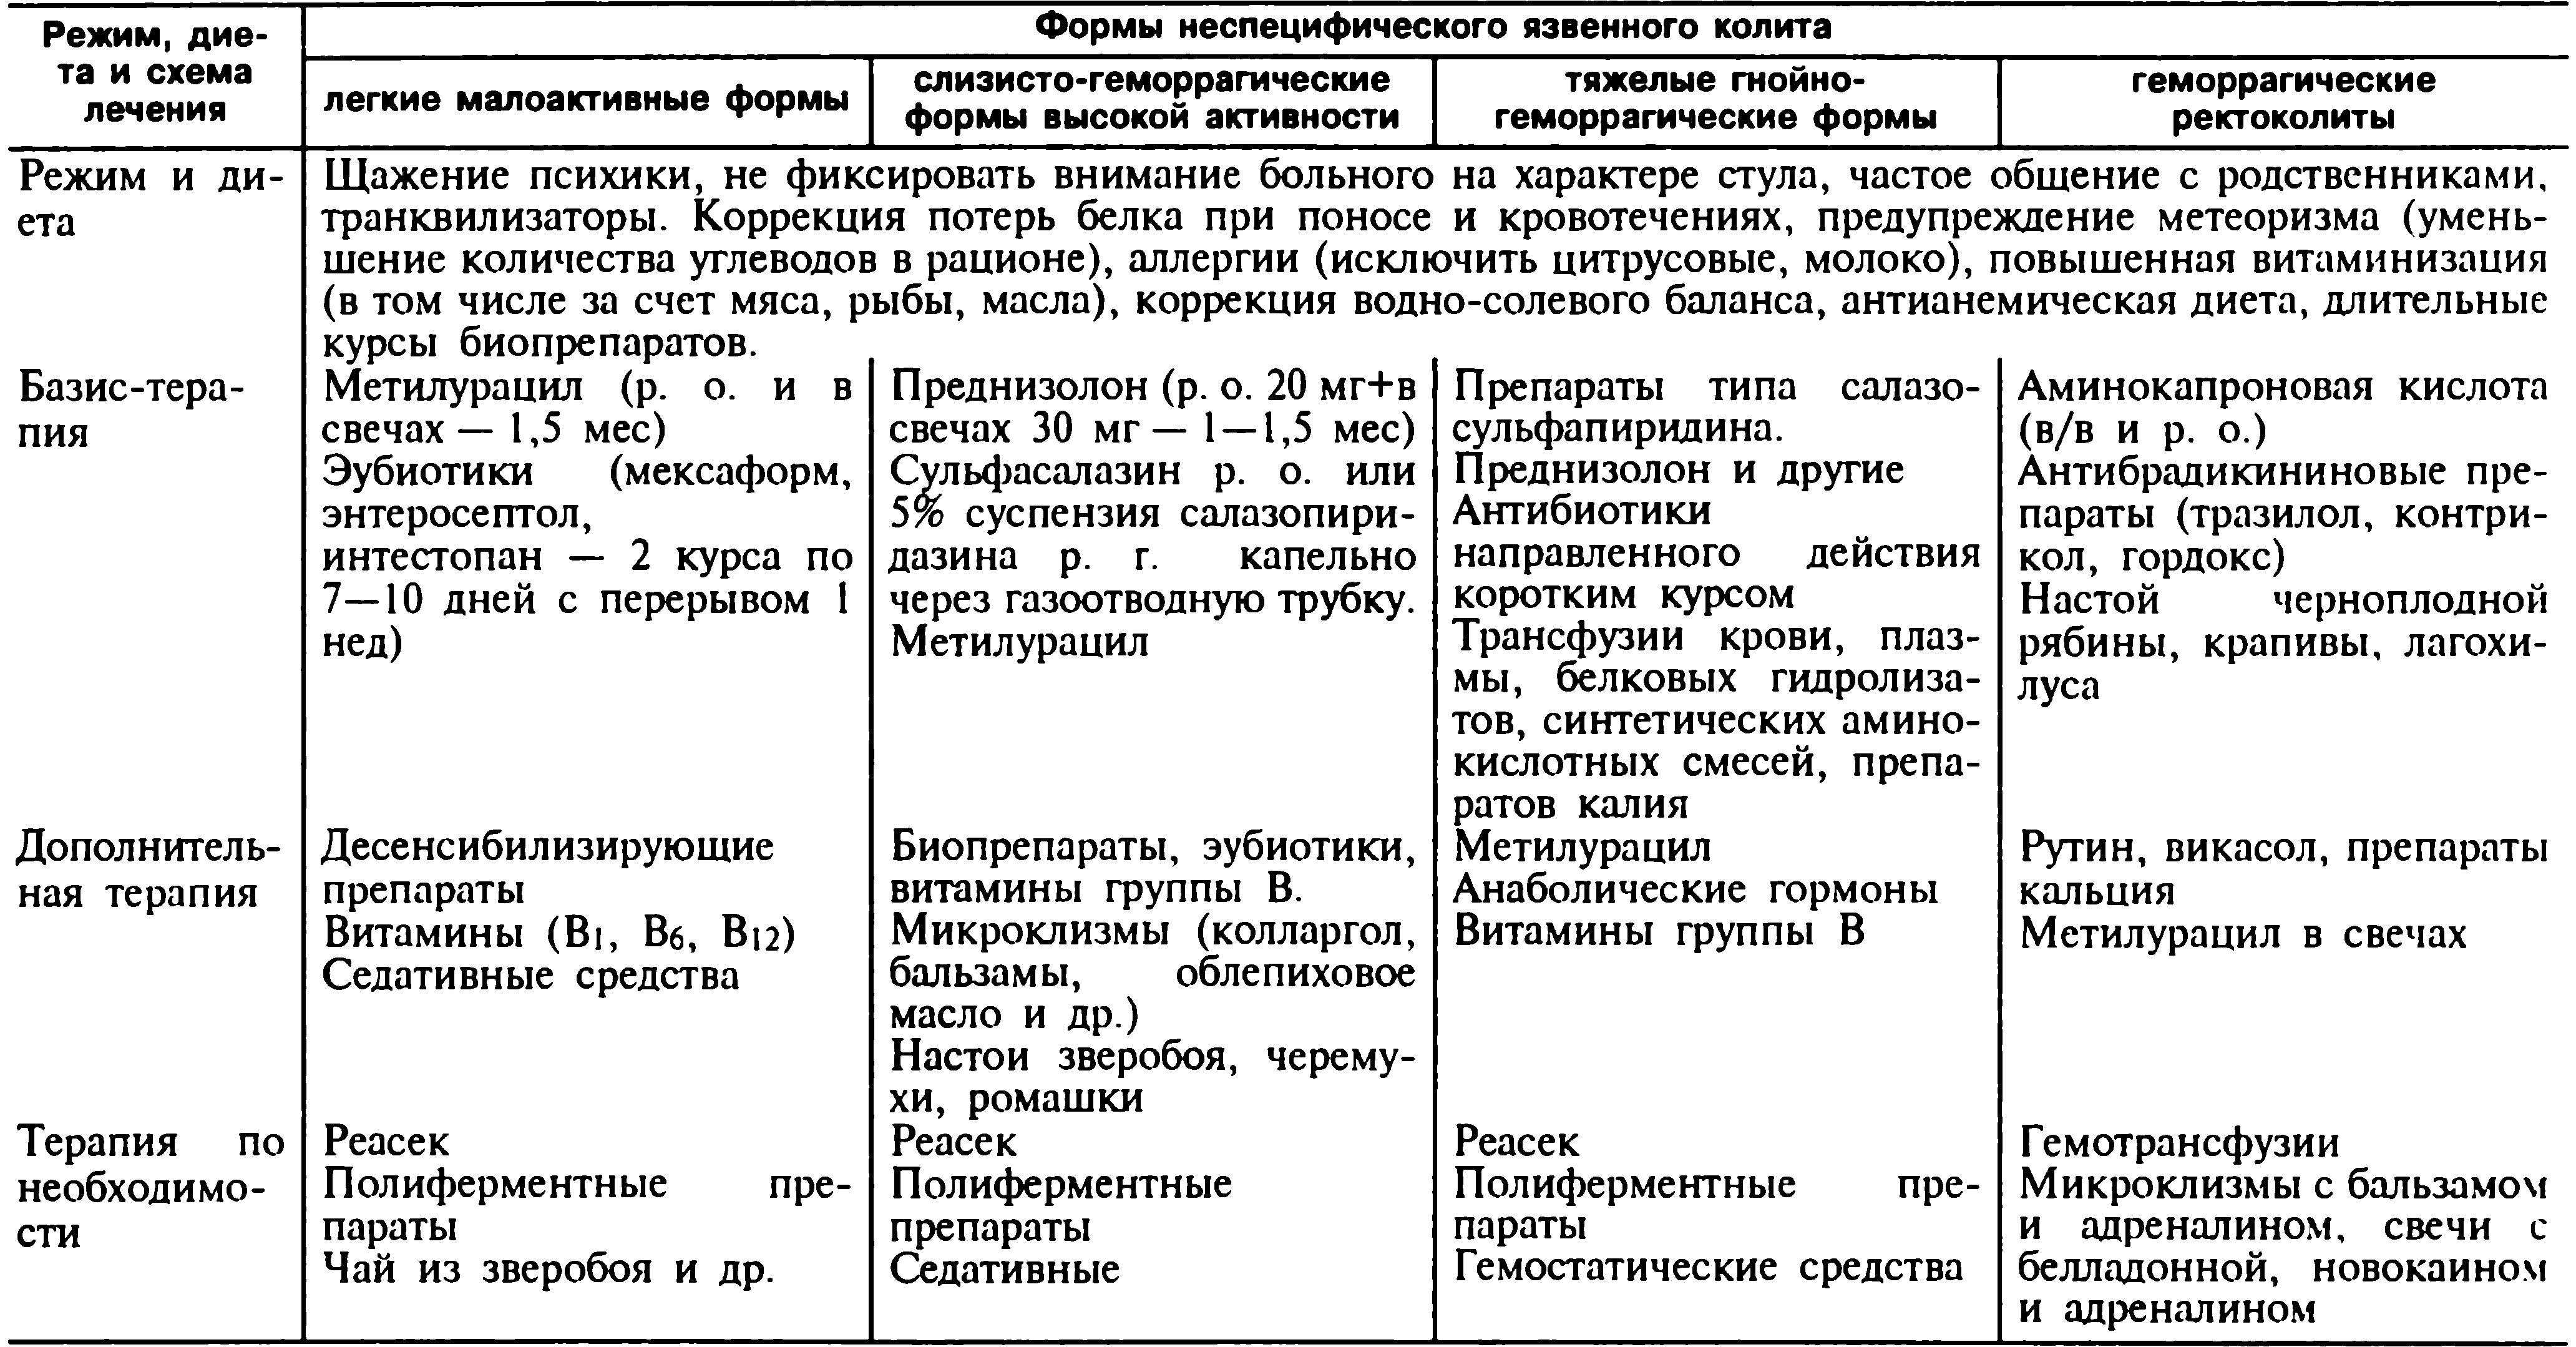 Диета При Панкреатите И Колите Кишечника